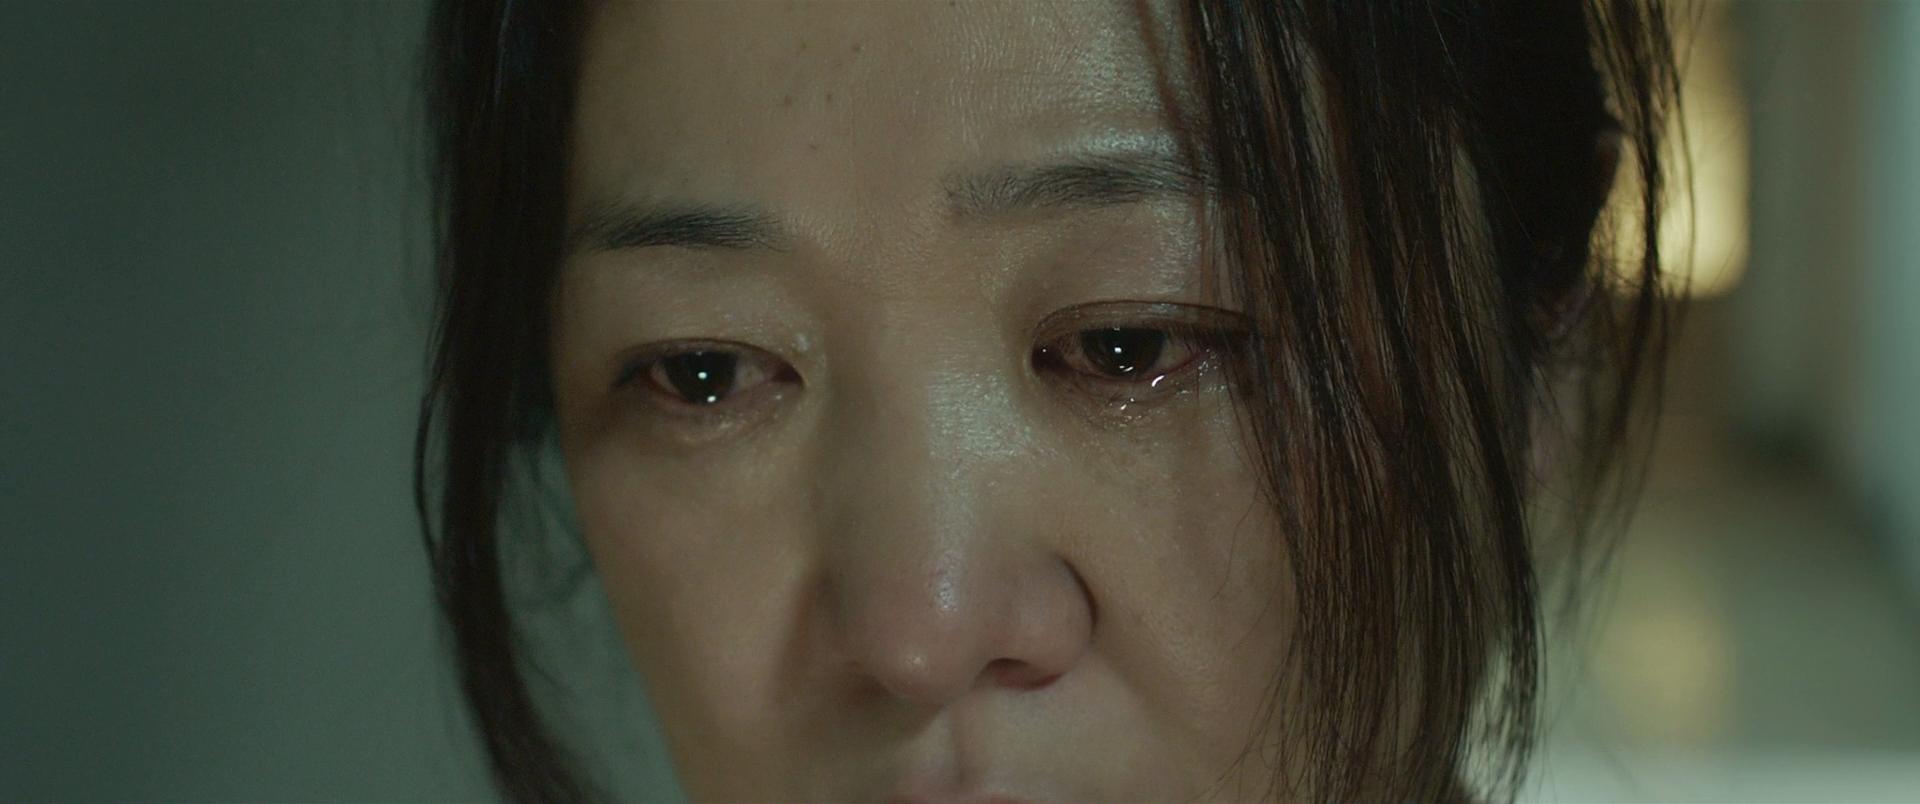 Великий гипнотизёр / Cui mian da shi (2014) BDRip 1080p |. Дольский